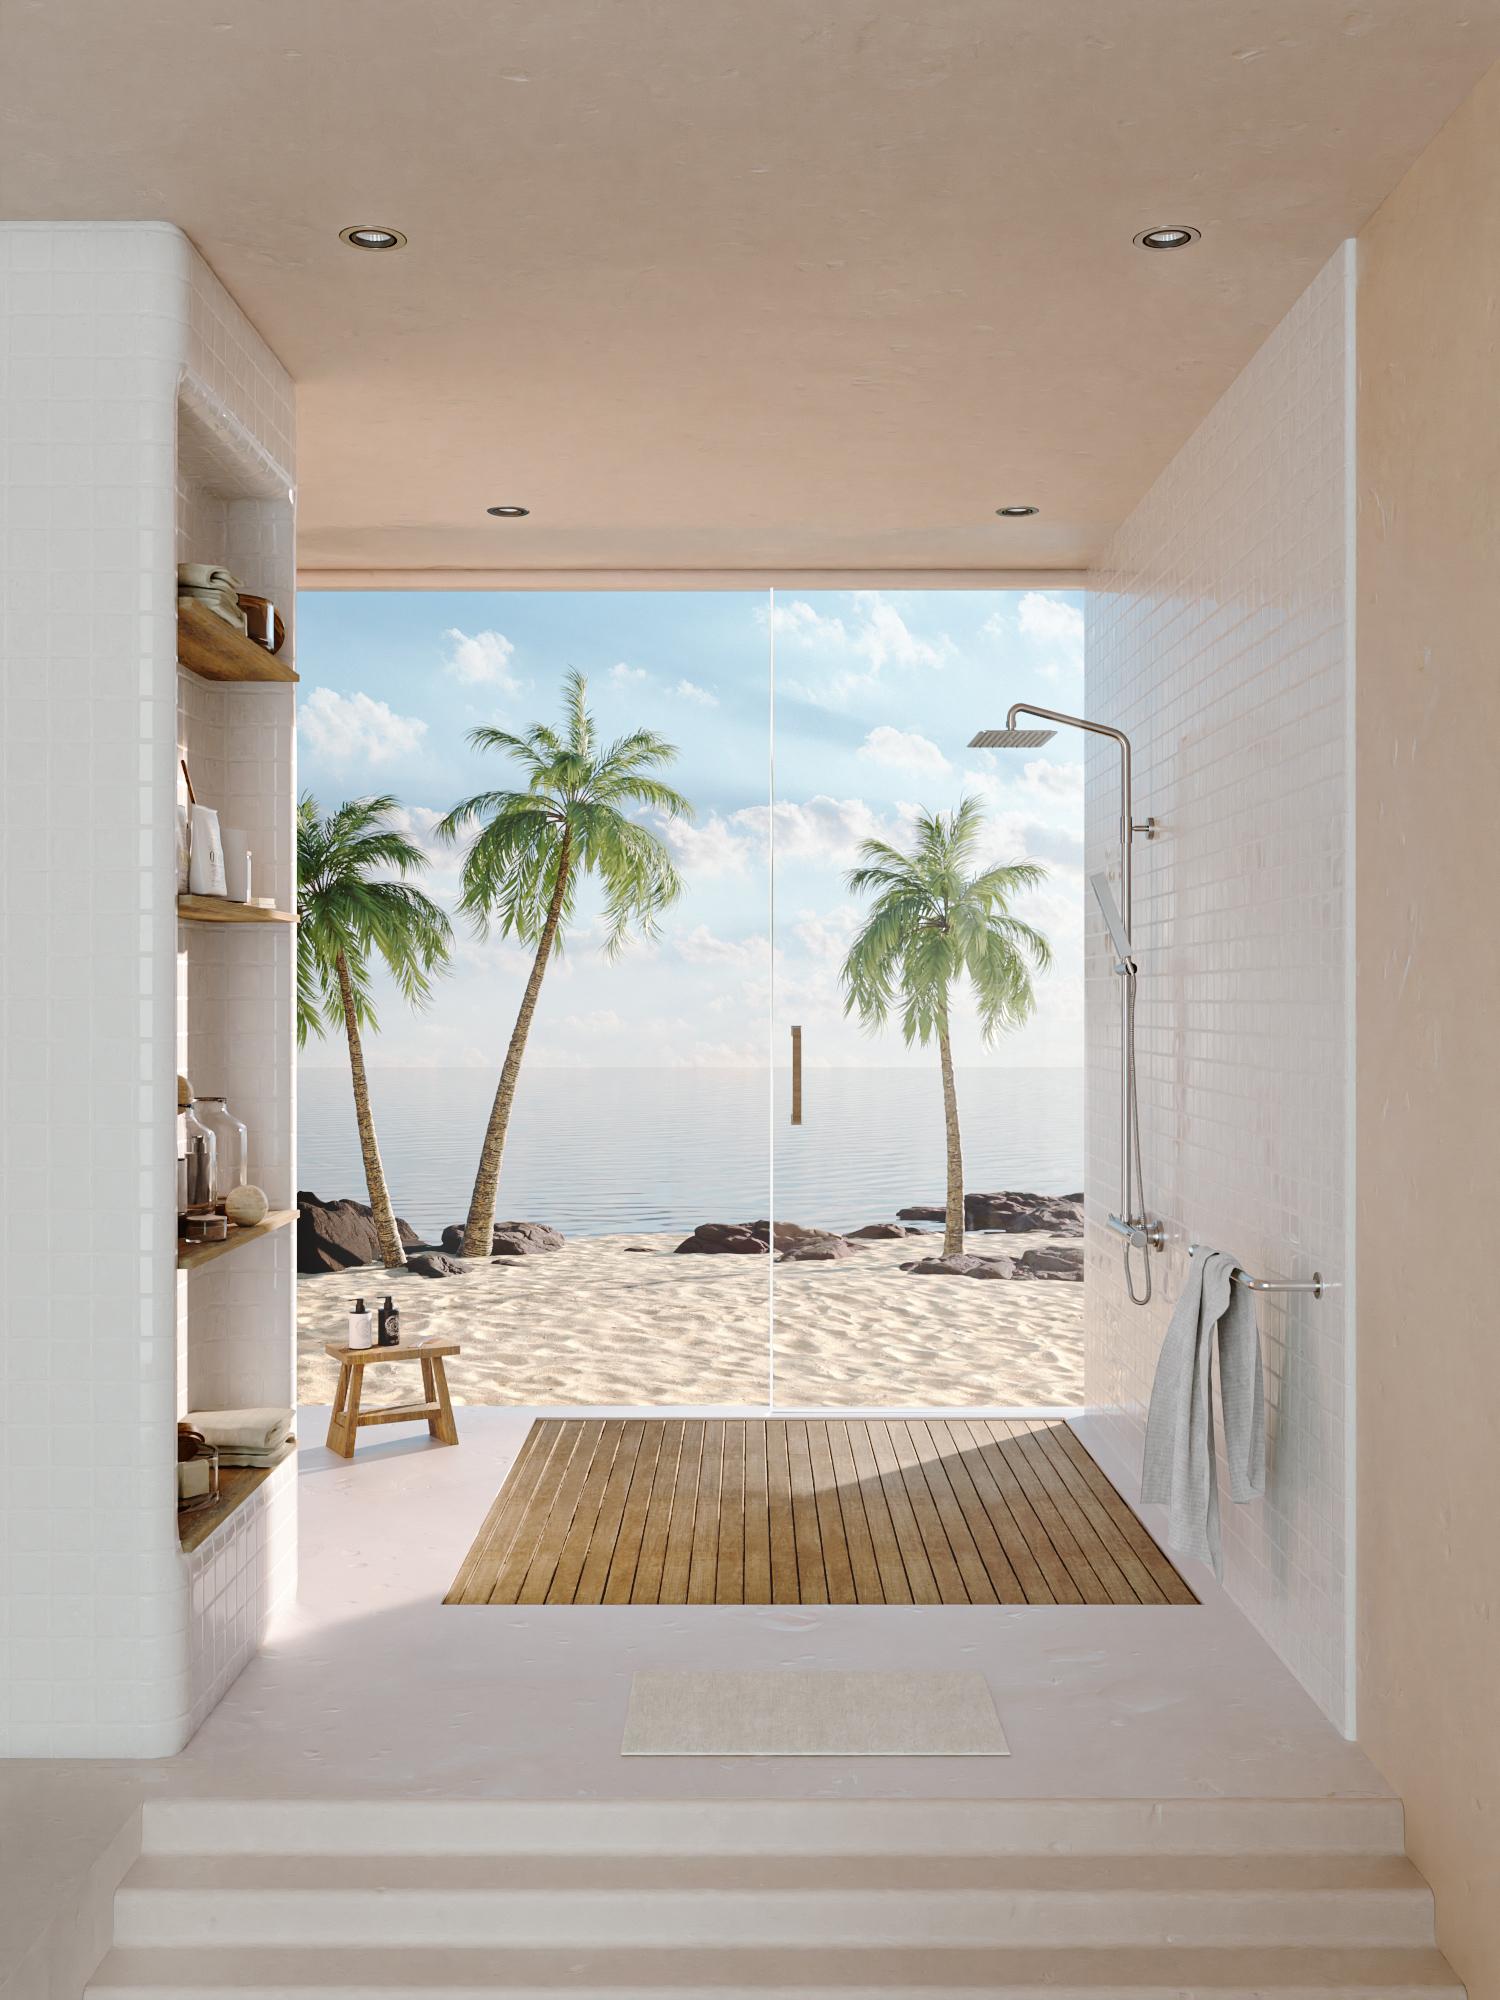 sea_shack_bathroom_1500x2000_website_02